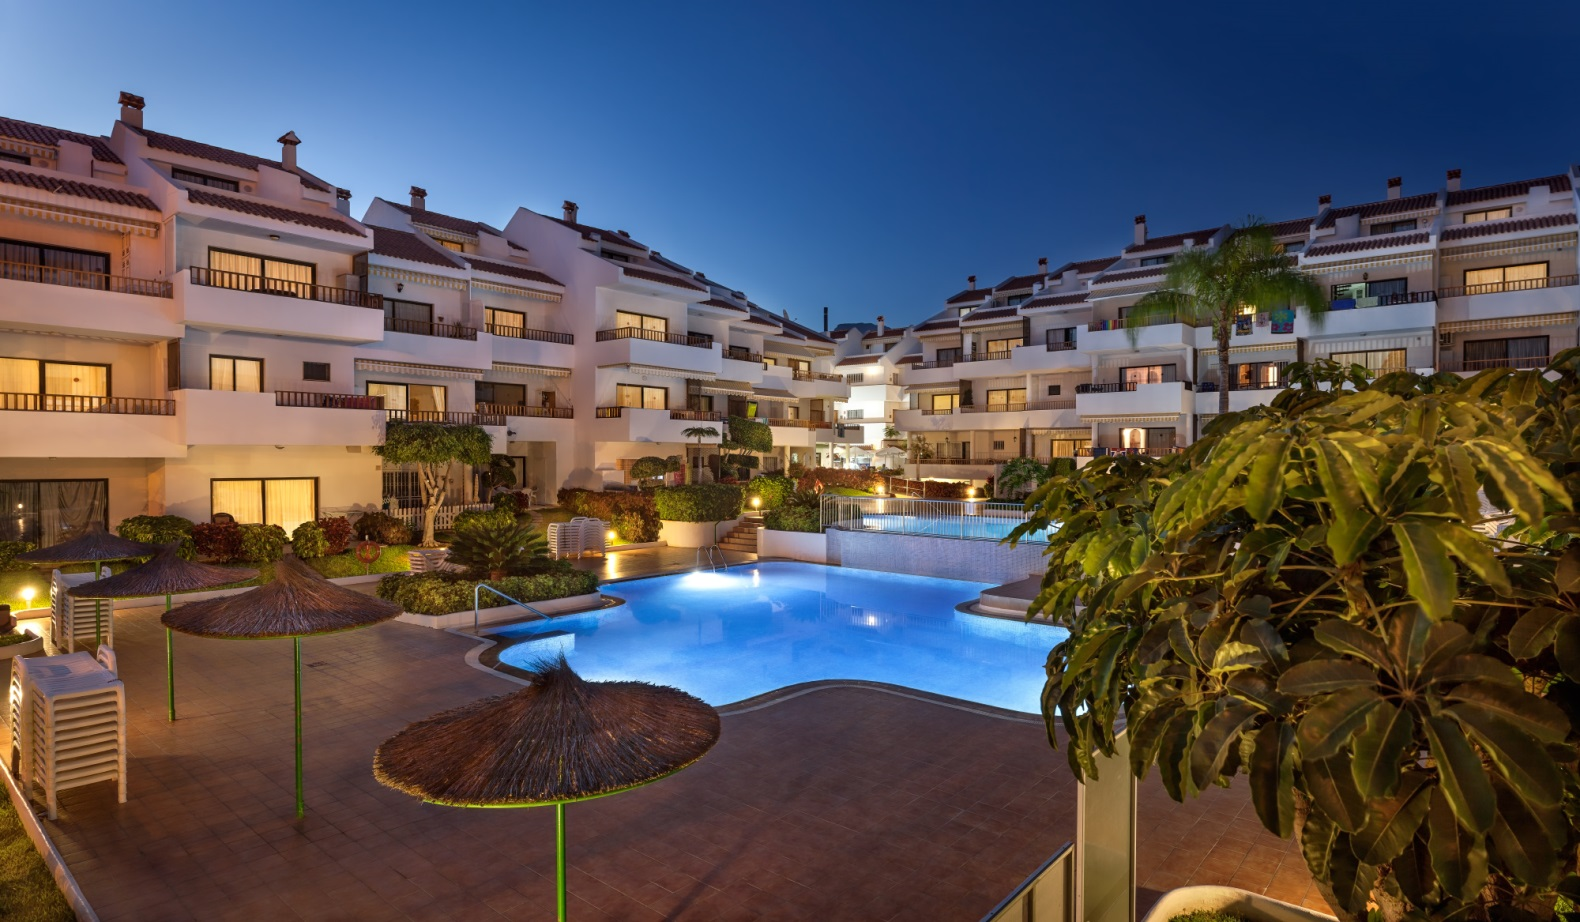 Tenerife Holiday Villas Parque Santiago Apartments Golf ...